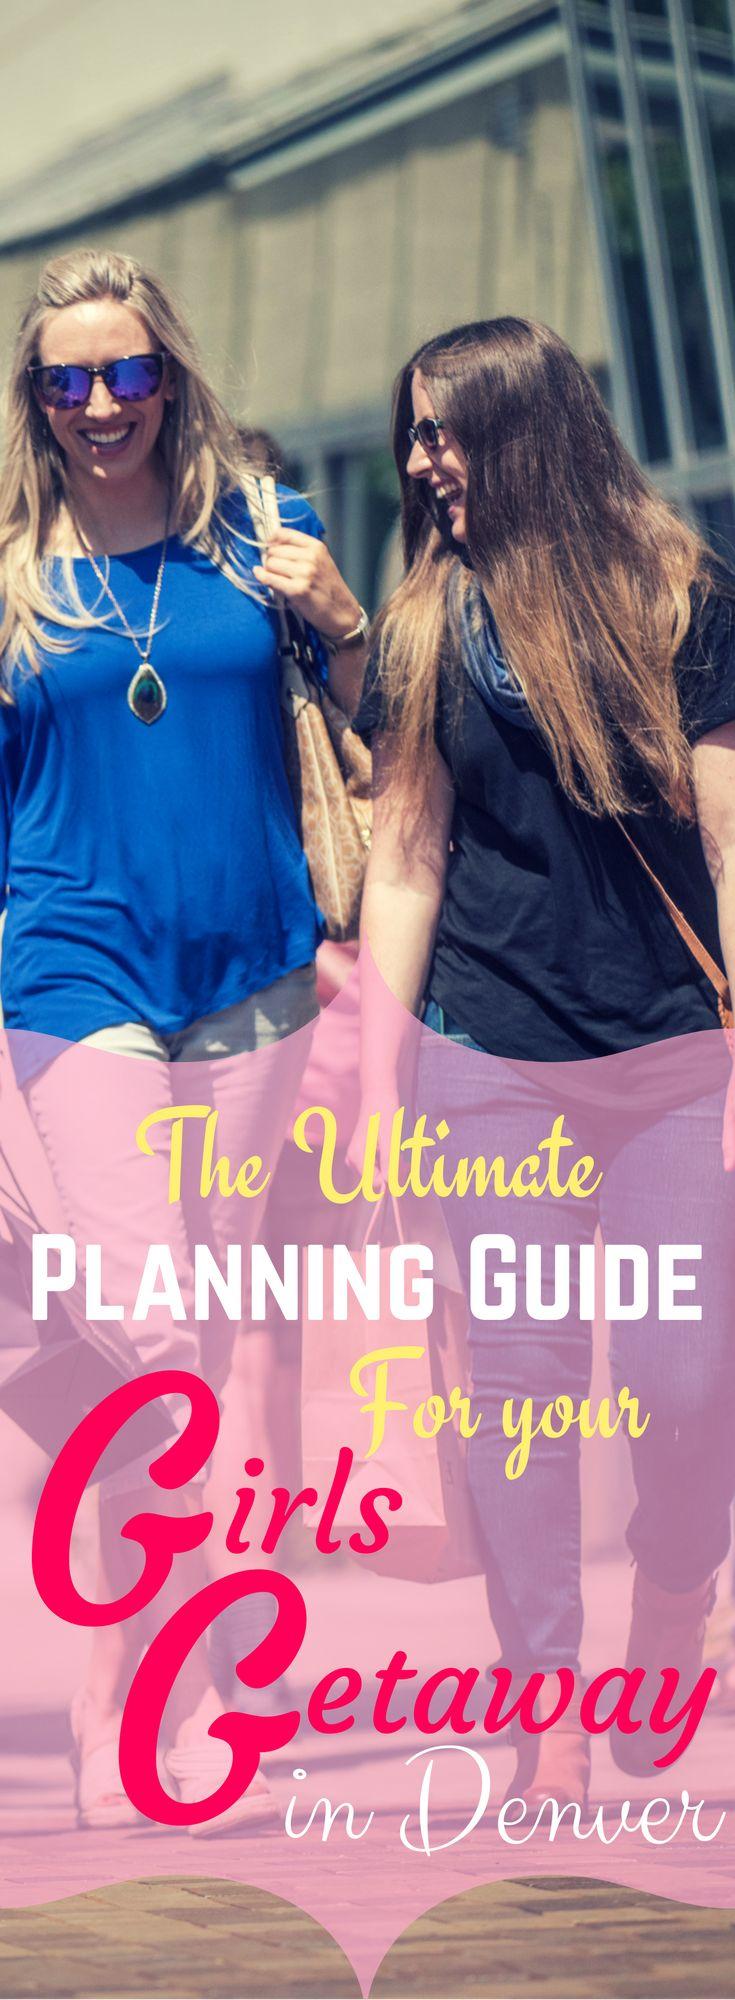 25 best ideas about girls getaway weekend on pinterest for Weekend get away ideas